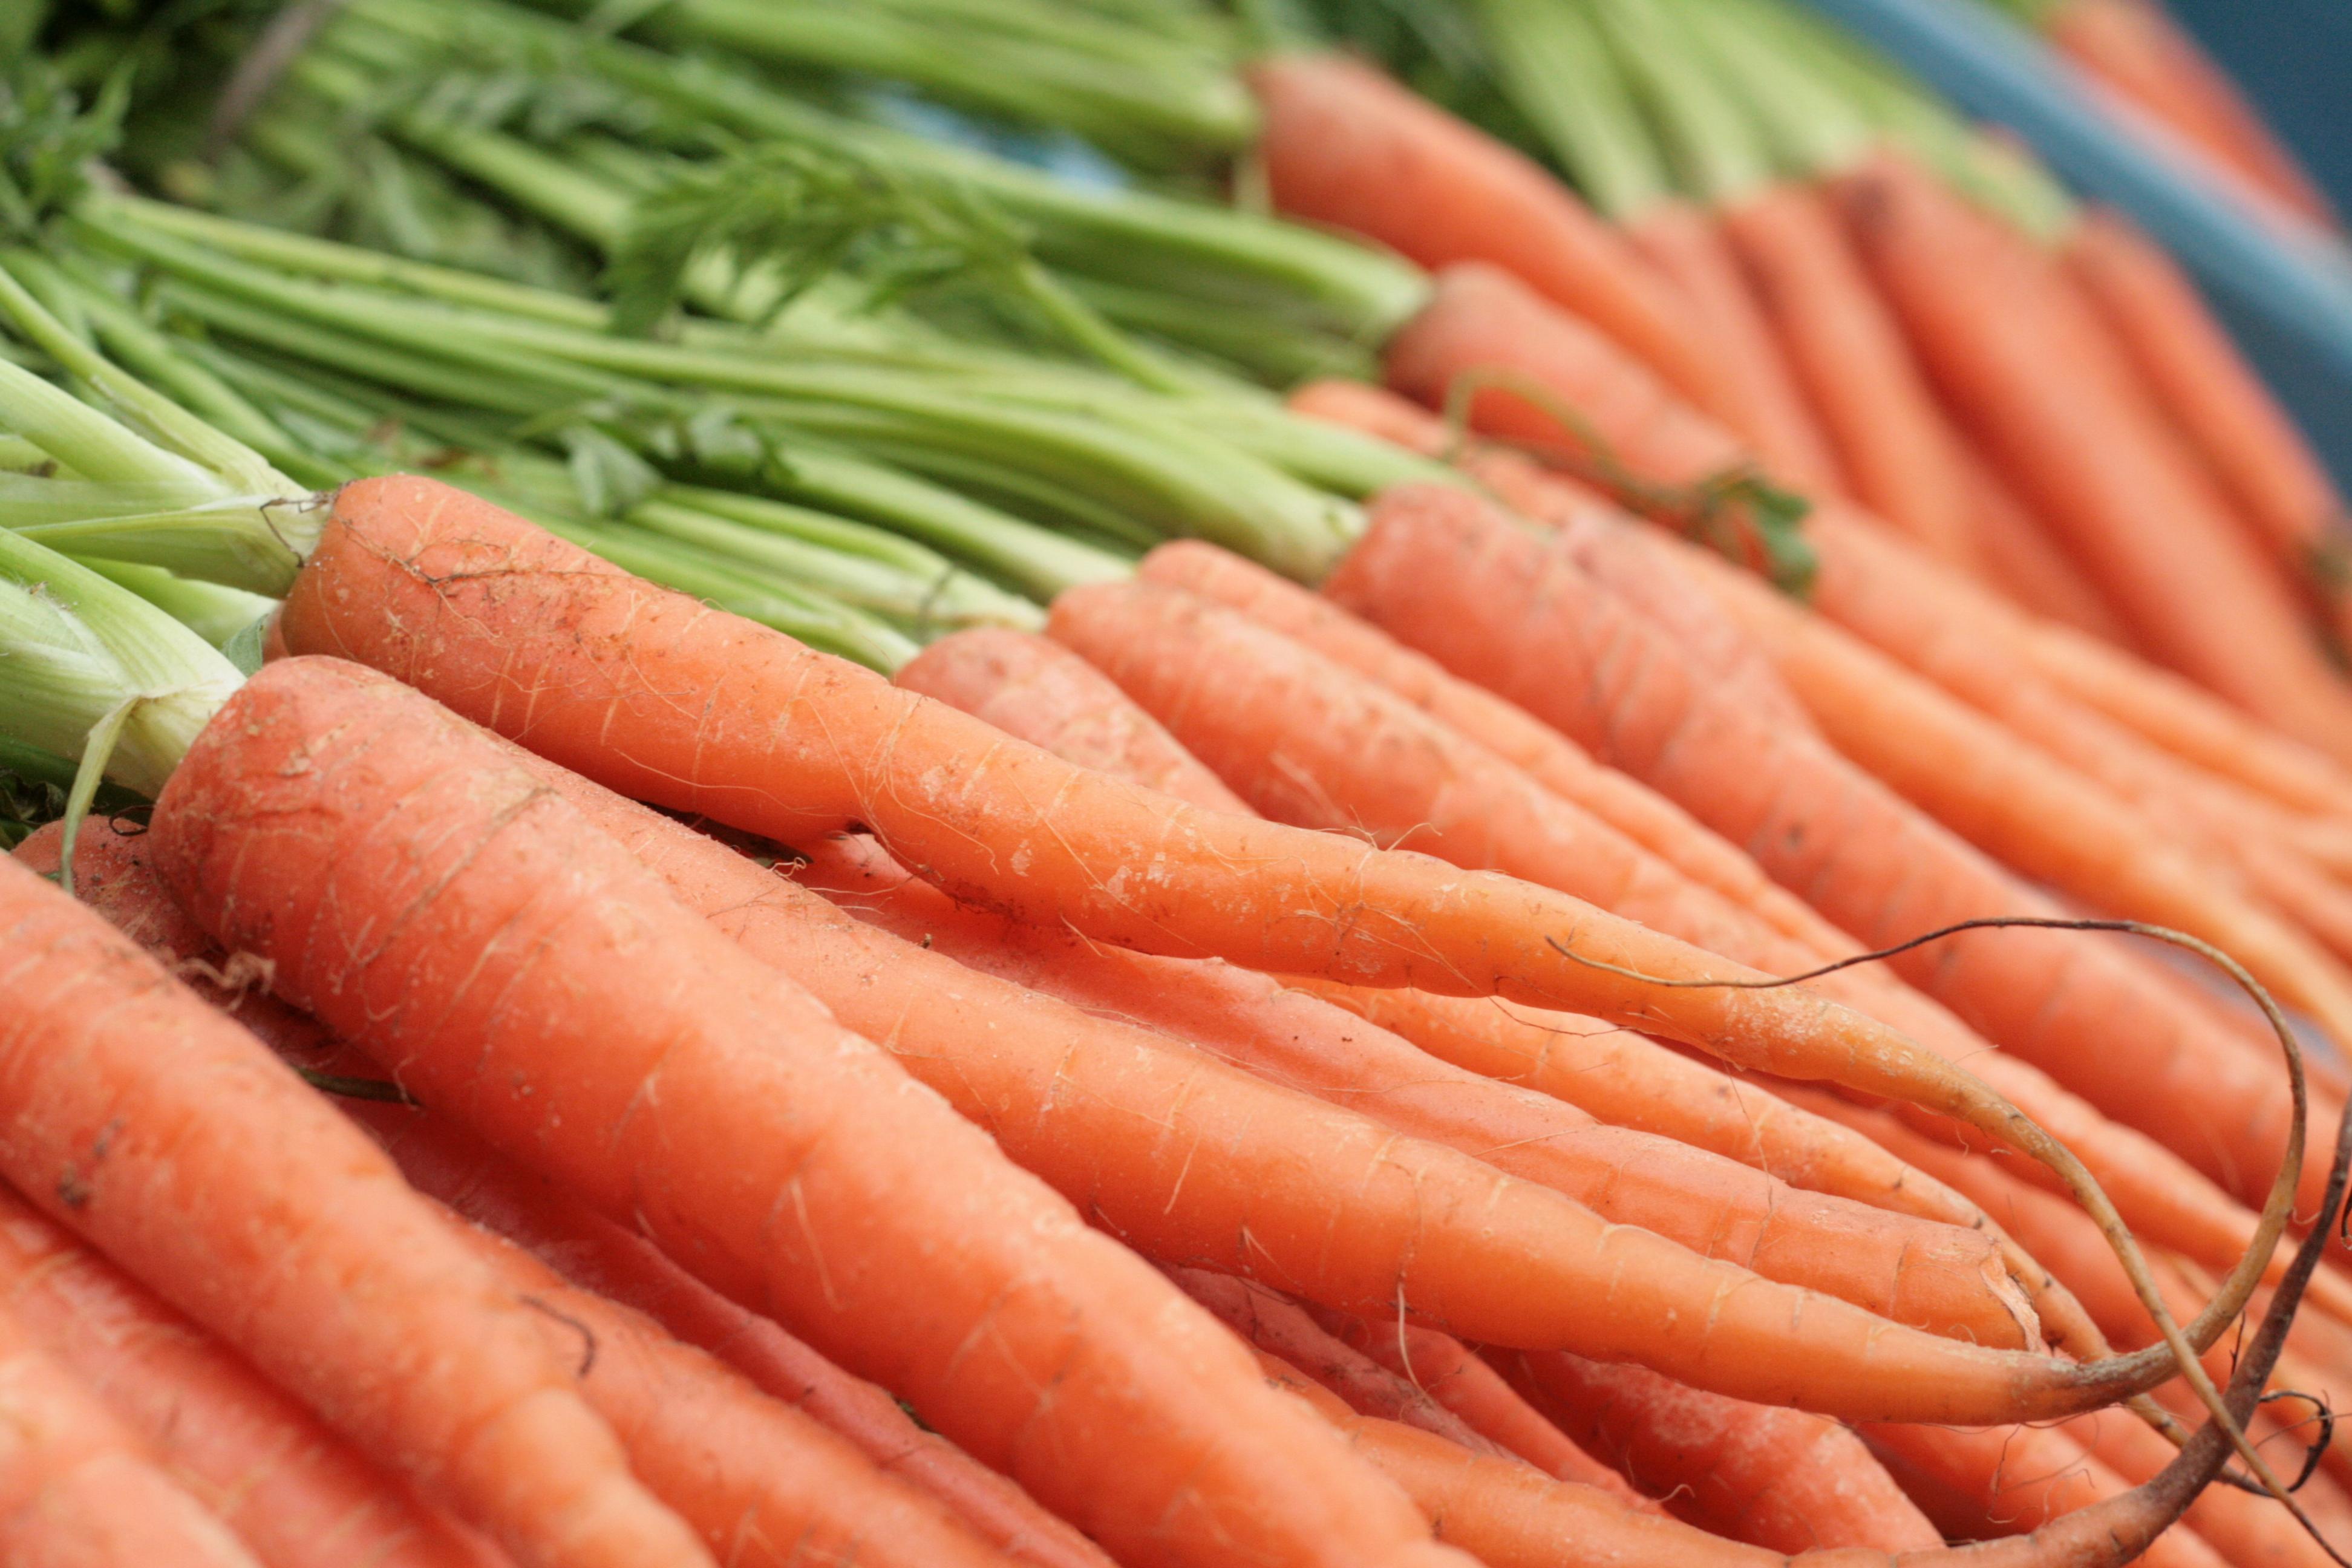 Carrots negative calorie food